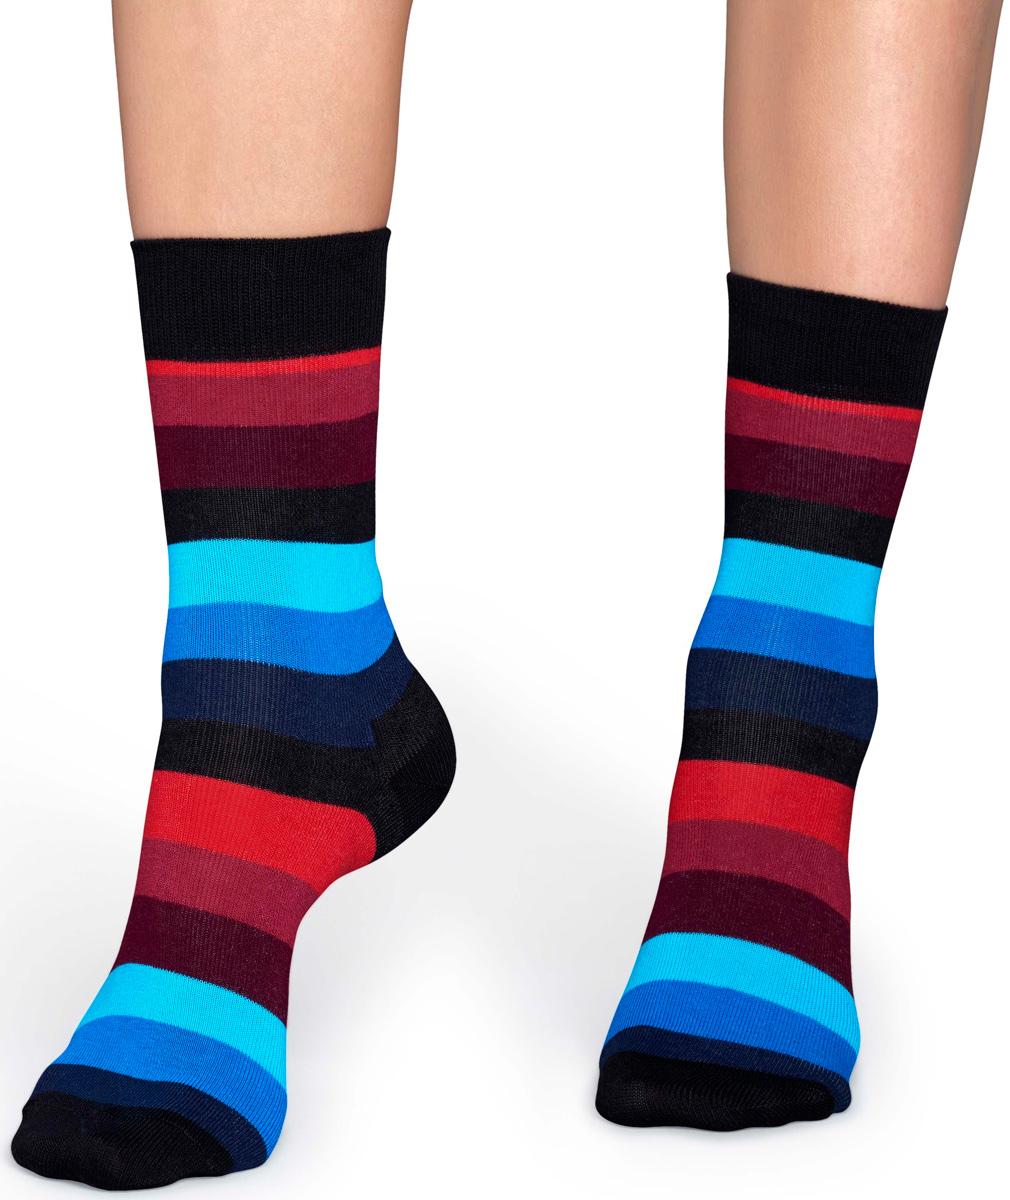 Носки женские Happy socks, цвет: черный, мультиколор. SA01. Размер 29SA01Носки Happy Socks, изготовленные из высококачественного материала, дополнены принтом. Эластичная резинка плотно облегает ногу, не сдавливая ее. Усиленная пятка и мысок обеспечивают надежность и долговечность.